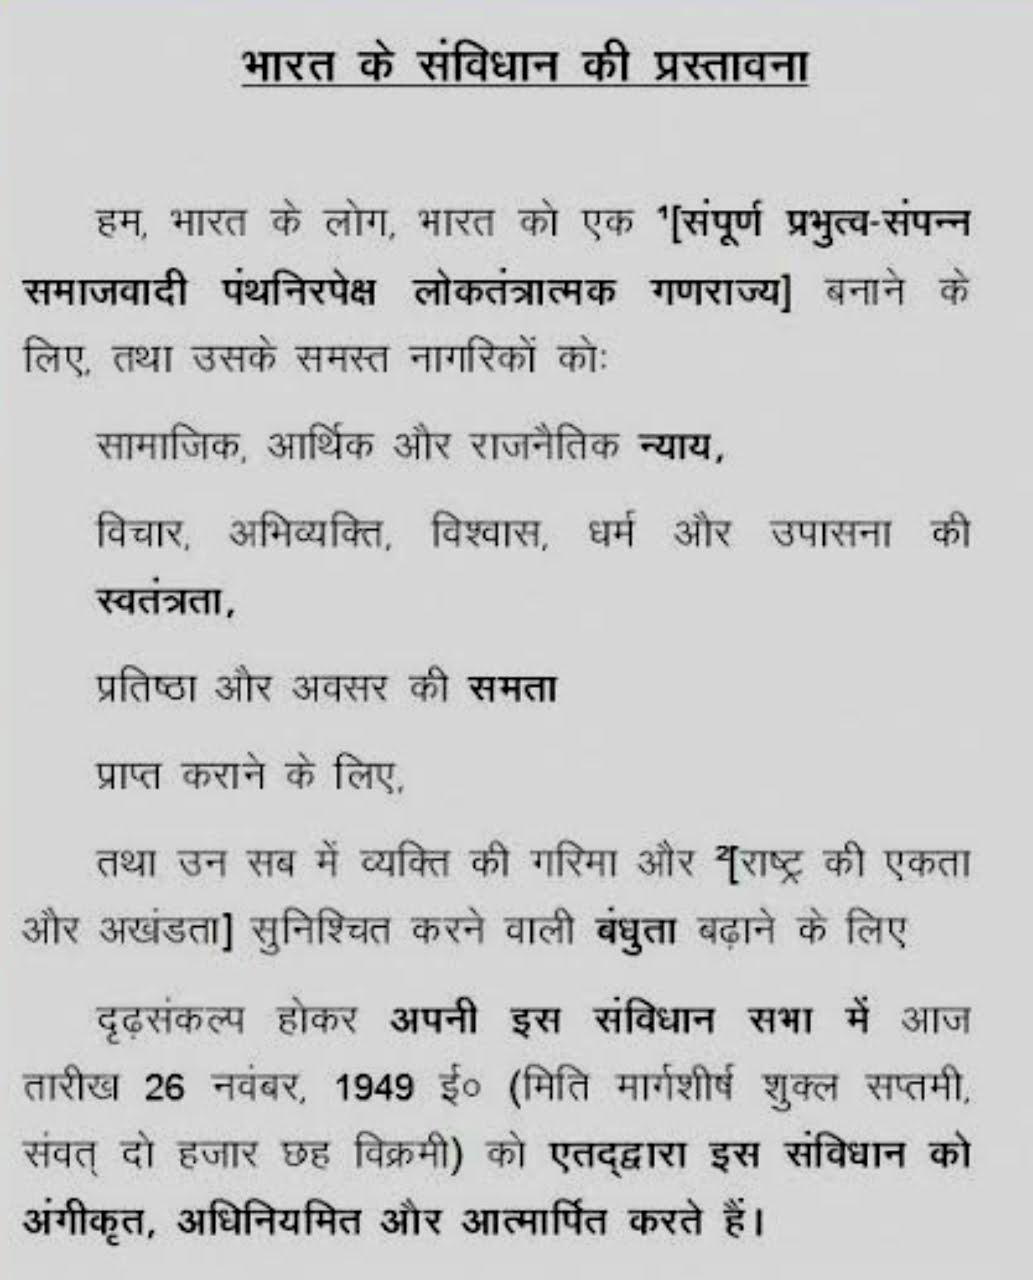 भारतीय संविधान की उद्देशिका अथवा प्रस्तावना